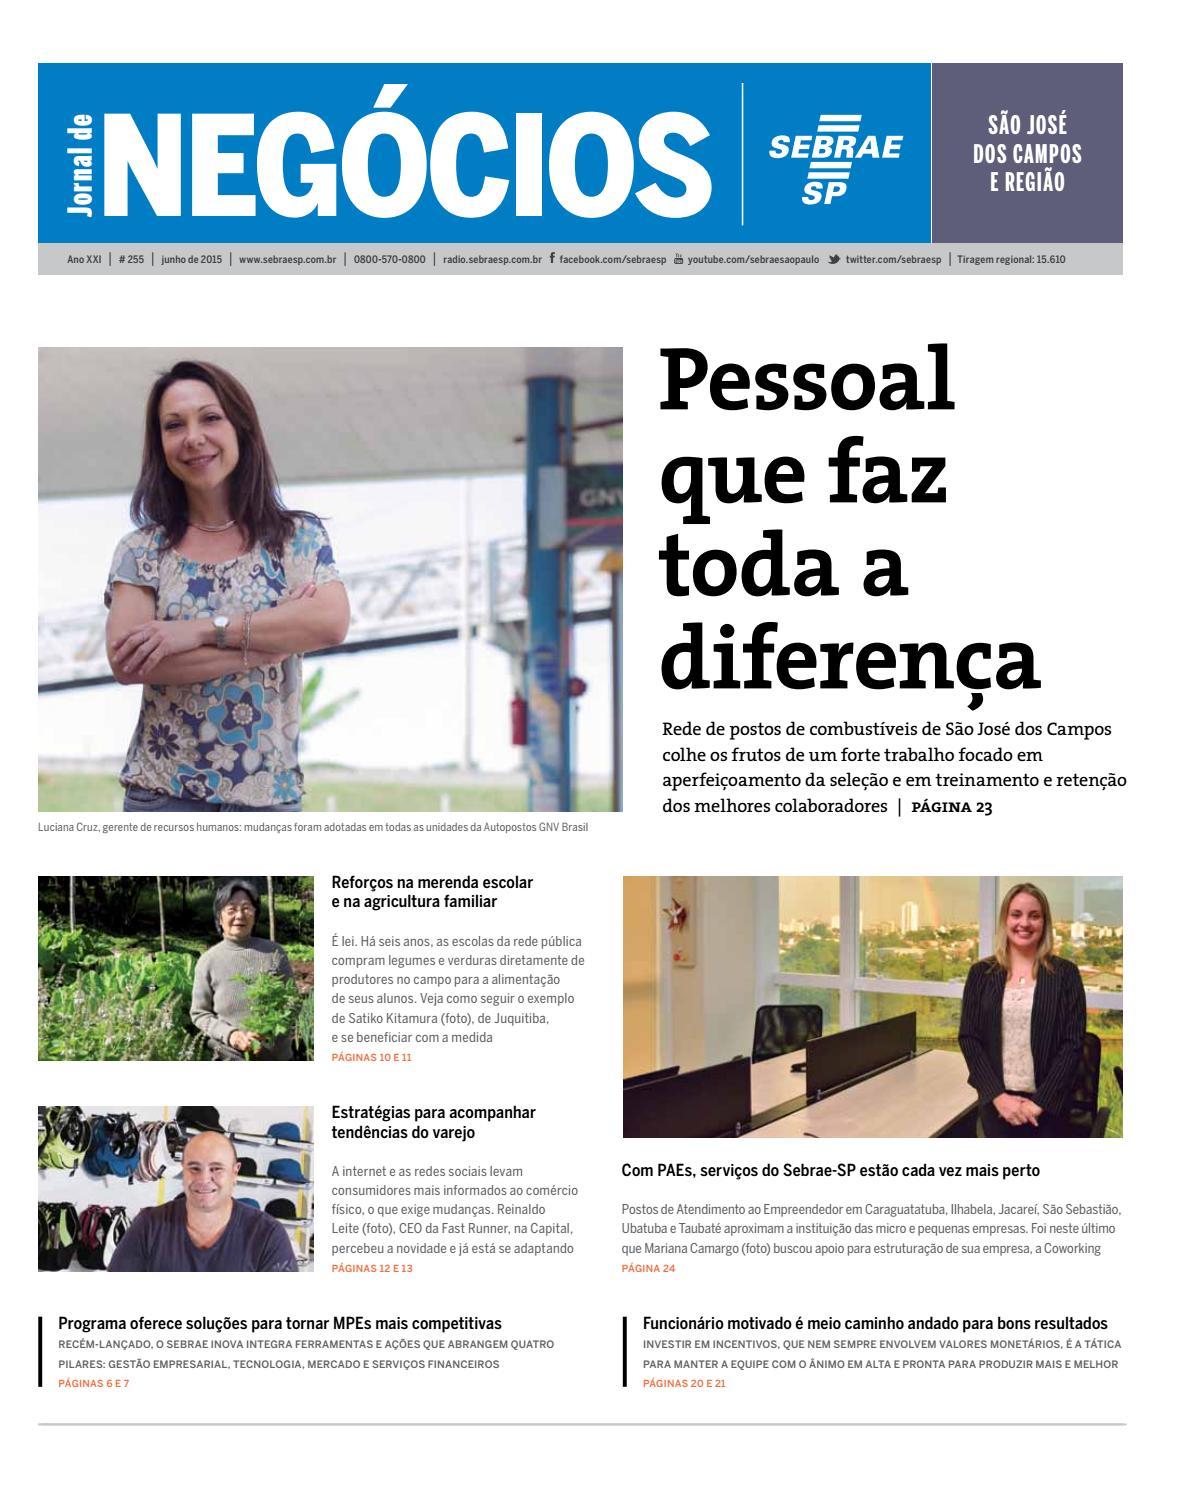 575552fcea1 Jornal de Negócios Sebrae-SP - 01 de junho de 2015 - São José dos Campos e  Região by Sebrae-SP - issuu